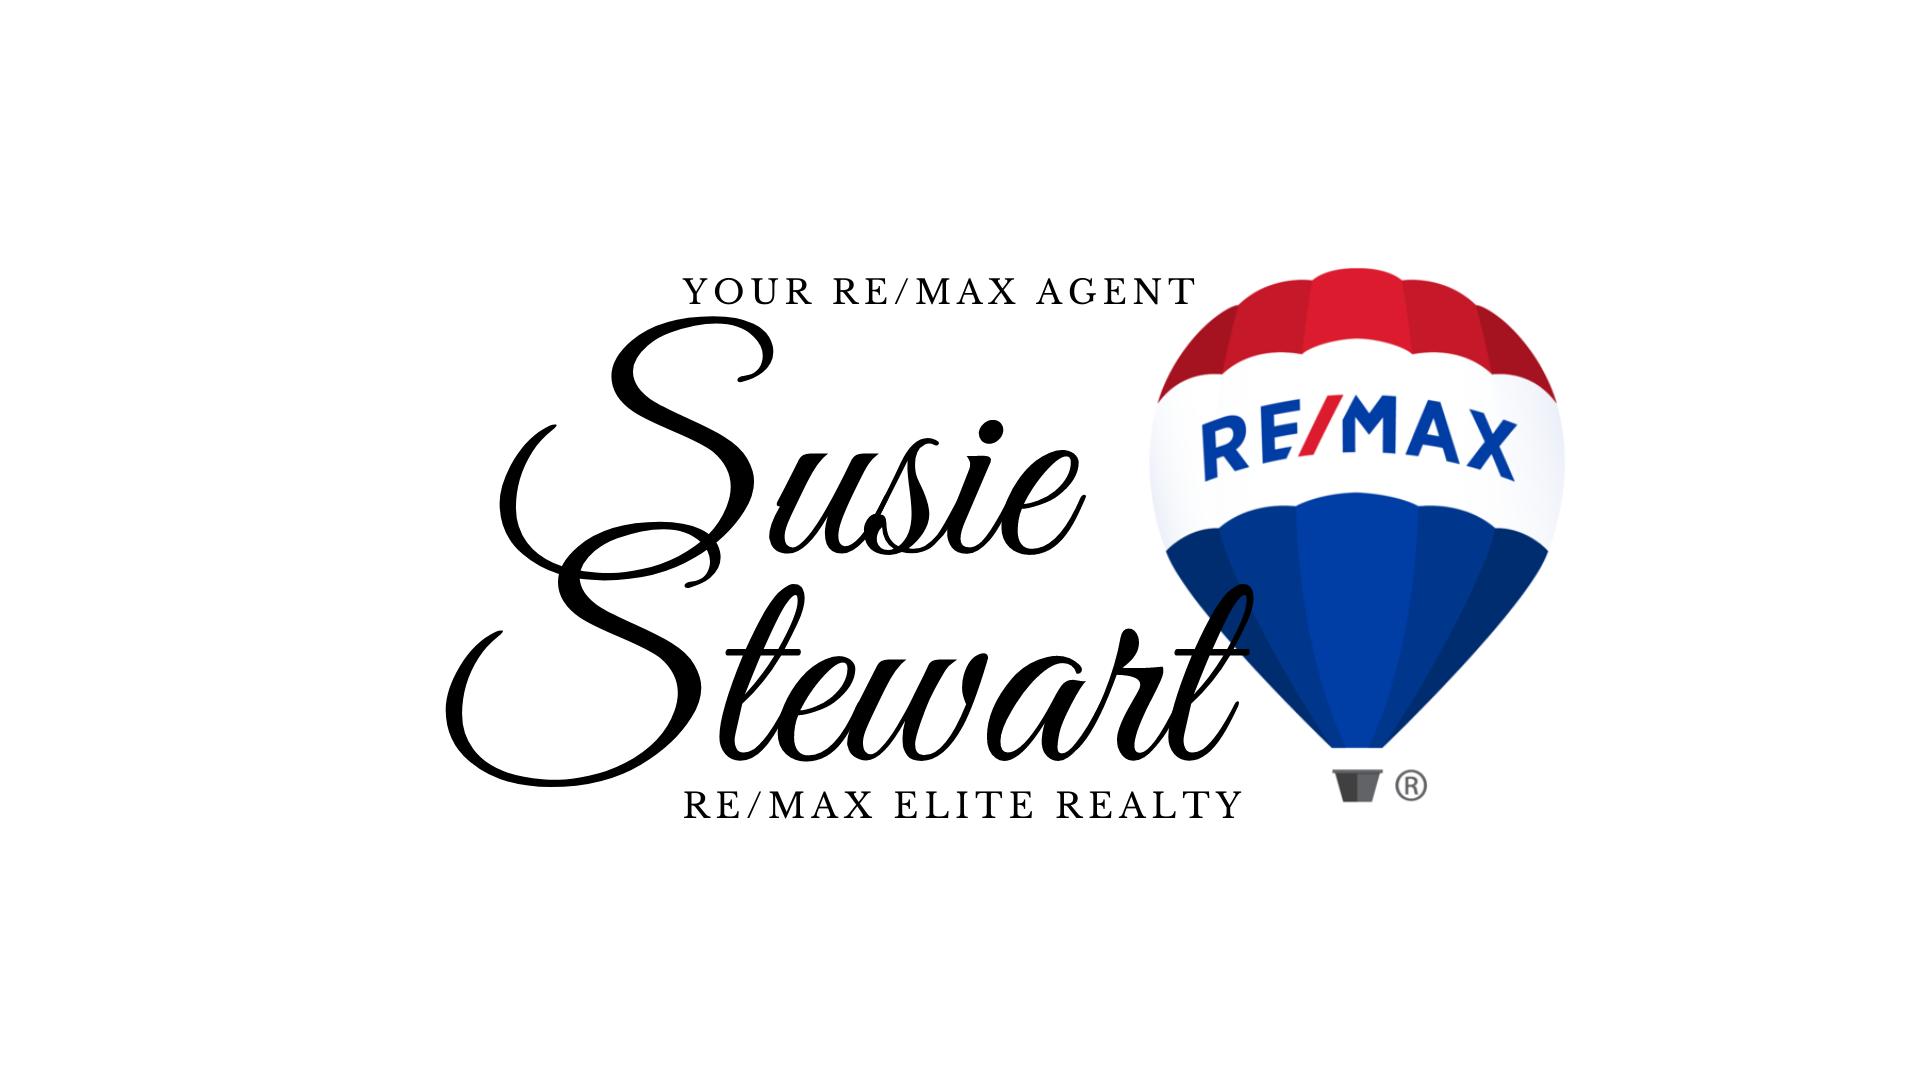 Susie Stewart REALTOR Your REMAX Agent